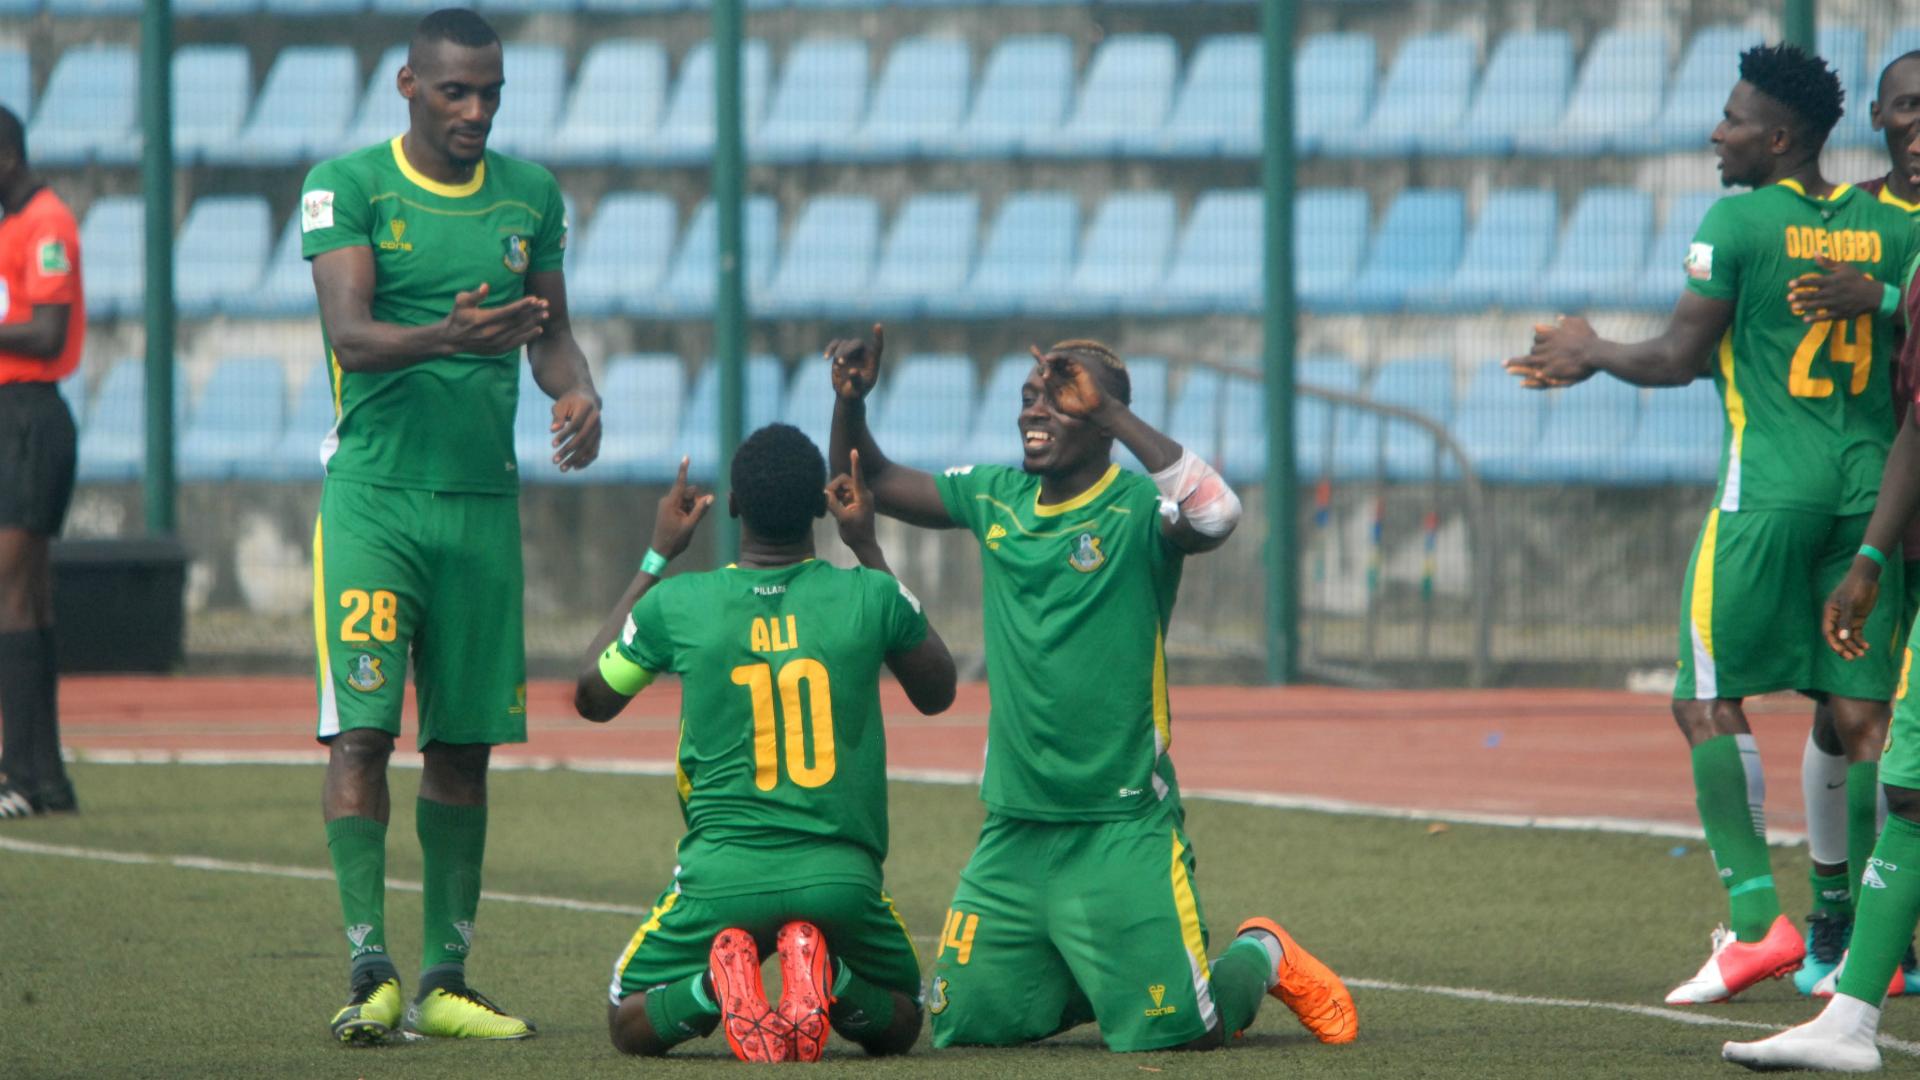 Pillars highly motivated ahead ASC Diaraf clash – Okafor